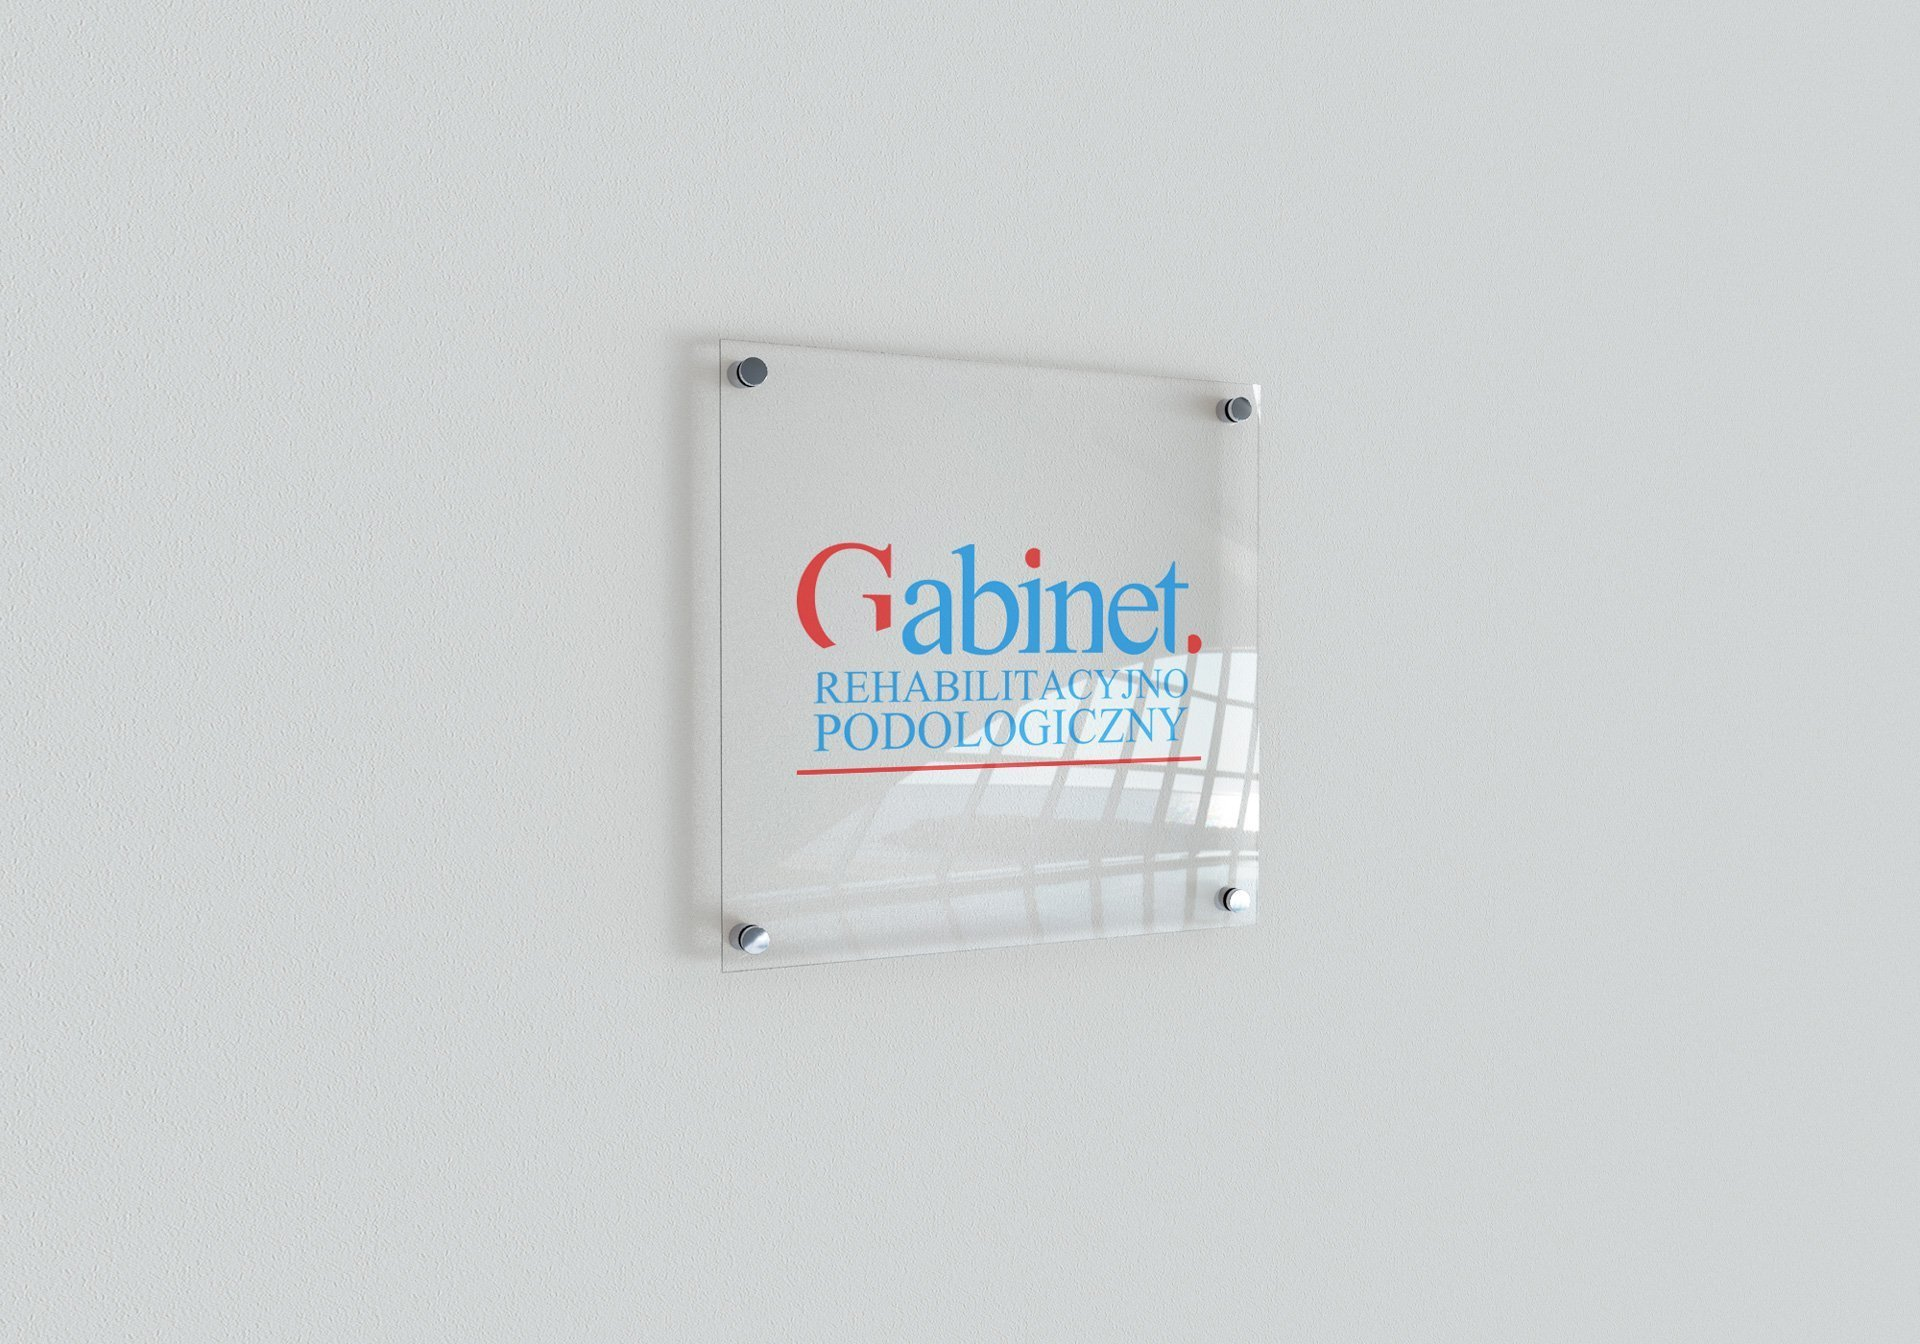 Logotyp Gabinetu Rehabilitacyjno-Podologicznego na szkle (by BBIG.PL)